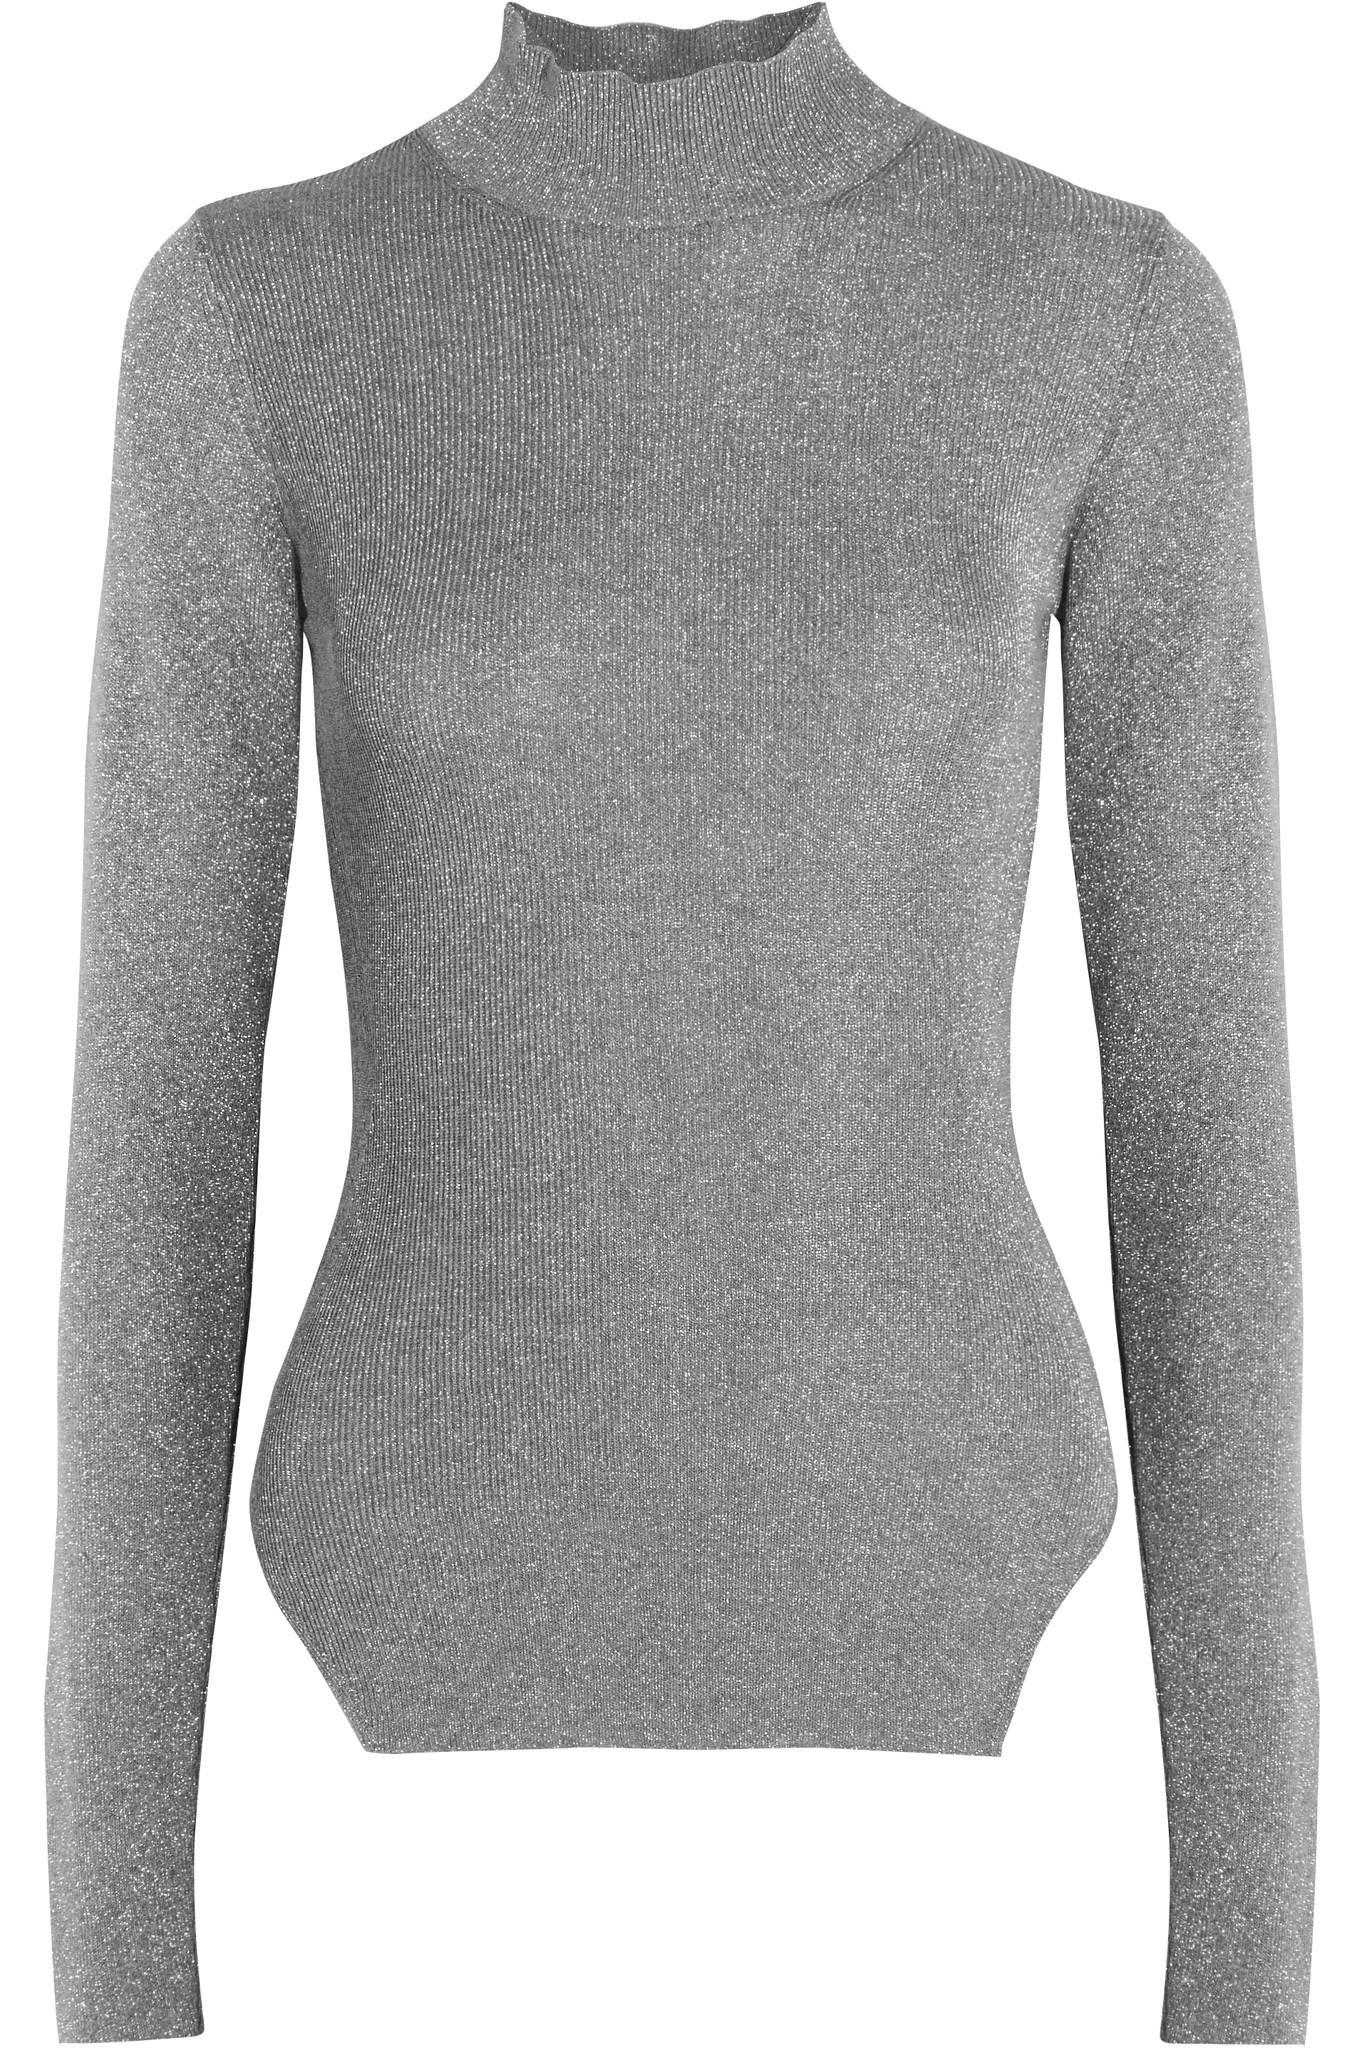 Mugler Metallic Ribbed Stretch Knit Turtleneck Sweater In